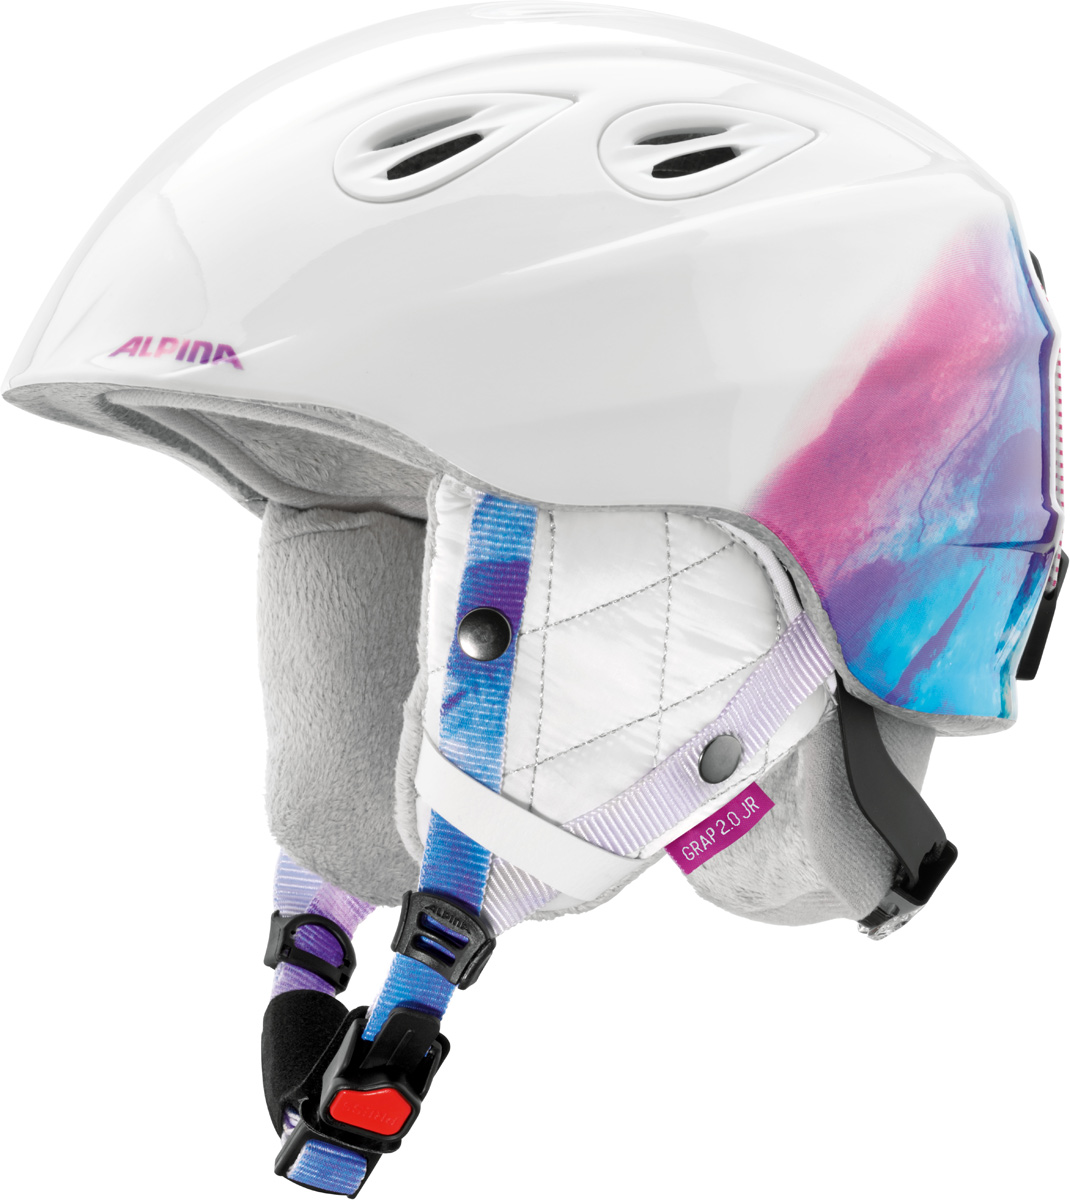 Шлем горнолыжный Alpina Grap 2.0 JR, цвет: белый. A9086_14. Размер 51-54A9086_14Детская версия популярнейшего шлема Alpina Grap 2.0, сохранившая все технические преимущества взрослой модели.• Вентиляционные отверстия препятствуют перегреву и позволяют поддерживать идеальную температуру внутри шлема. Для этого инженеры Alpina используют эффект Вентури, чтобы сделать циркуляцию воздуха постоянной и максимально эффективной• Съемные ушки-амбушюры можно снять за секунду и сложить в карман лыжной куртки. Если вы наслаждаетесь катанием в начале апреля, такая возможность должна вас порадовать. А когда температура снова упадет - щелк и вкладыш снова на месте!• Внутренник шлема легко вынимается, стирается, сушится и вставляется обратно• Прочная и лёгкая конструкция In-mold. Тонкая и прочная поликарбонатная оболочка под воздействием высокой температуры и давления буквально сплавляется с гранулами EPS, которые гасят ударную нагрузку.• Внутренная оболочка каждого шлема Alpina состоит из гранул HI-EPS (сильно вспененного полистирола). Микроскопические воздушные карманы эффективно поглощают ударную нагрузку и обеспечивают высокую теплоизоляцию. Эта технология позволяет достичь минимальной толщины оболочки. А так как гранулы HI-EPS не впитывают влагу, их защитный эффект не ослабевает со временем.• Из задней части шлема можно достать шейный утеплитель из мякого микро-флиса. Этот теплый воротник также защищает шею от ударов на высокой скорости и при сибирских морозах. В удобной конструкции отсутствуют точки давления на шею• Вместо фастекса на ремешке используется красная кнопка с автоматическим запирающим механизмом, которую легко использовать даже в лыжных перчатках. Механизм защищён от произвольного раскрытия при падении• Ручка регулировки Run System Classic в задней части шлема позволяет за мгновение комфортно усадить шлем на затылке• Y-образный ремнераспределитель двух ремешков находится под ухом и обеспечивает быструю и точную посадку шлема на голове.